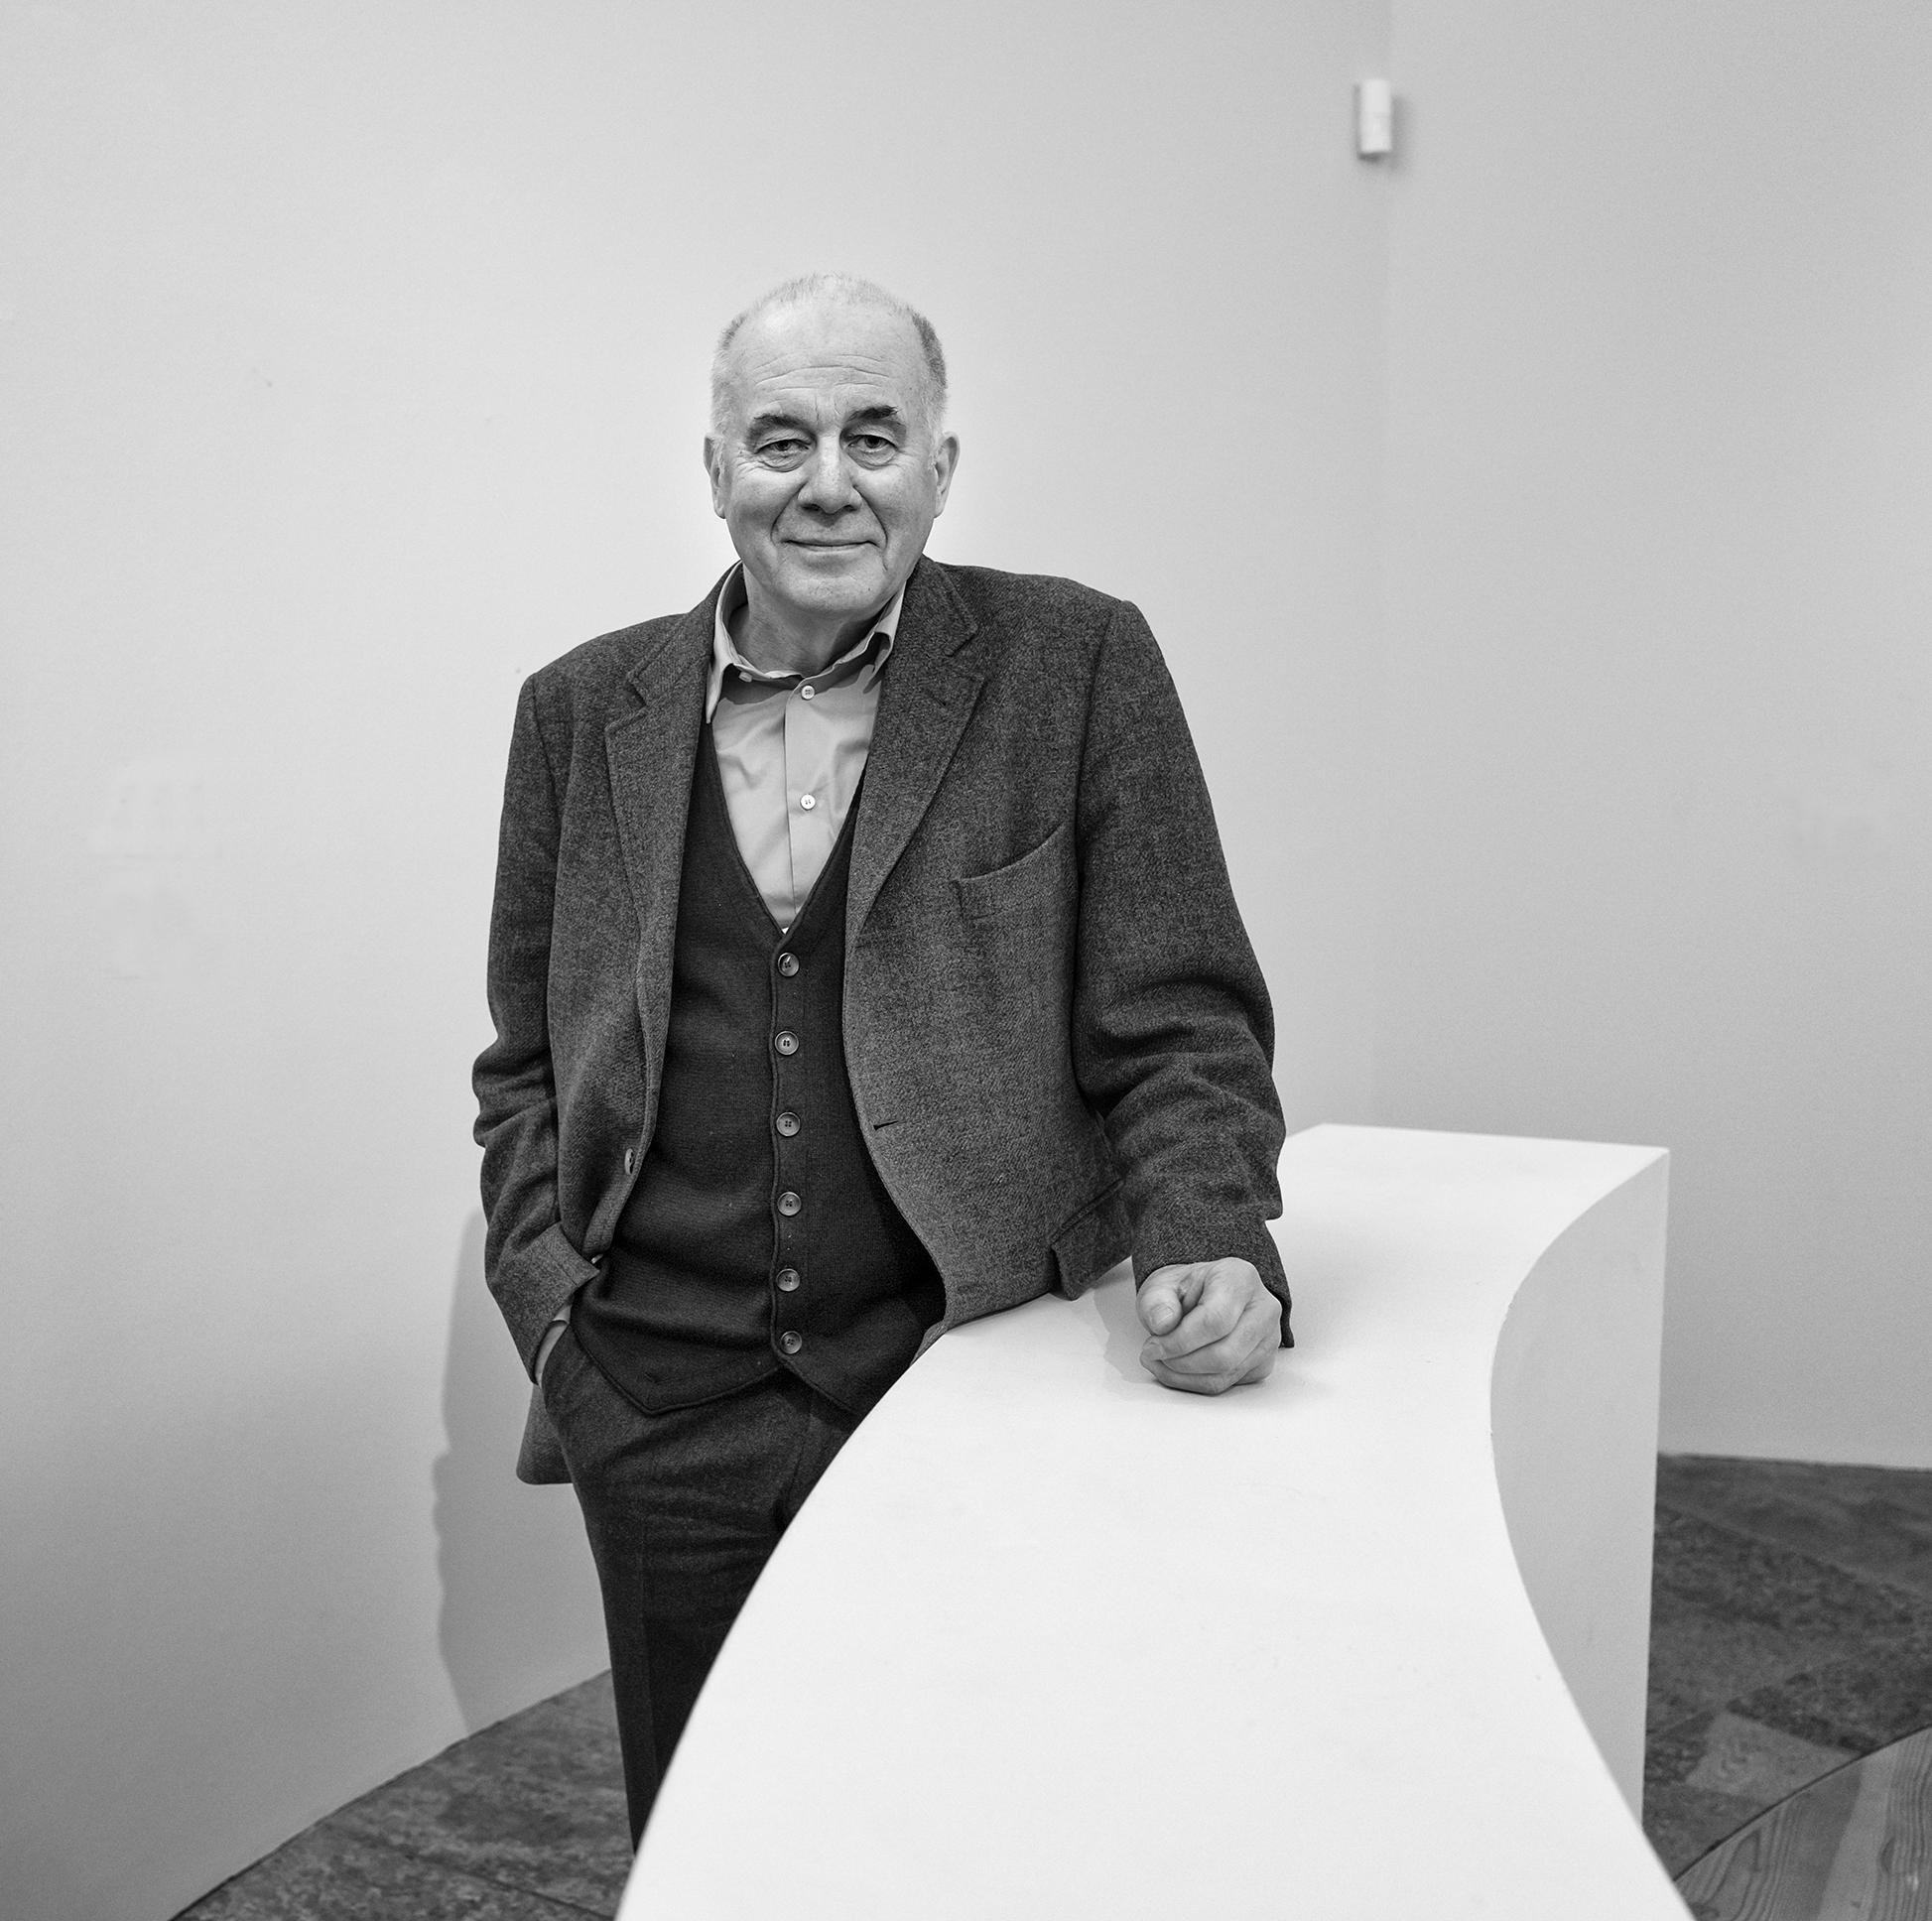 Hanns Zischler (c) Ulrich Weichert